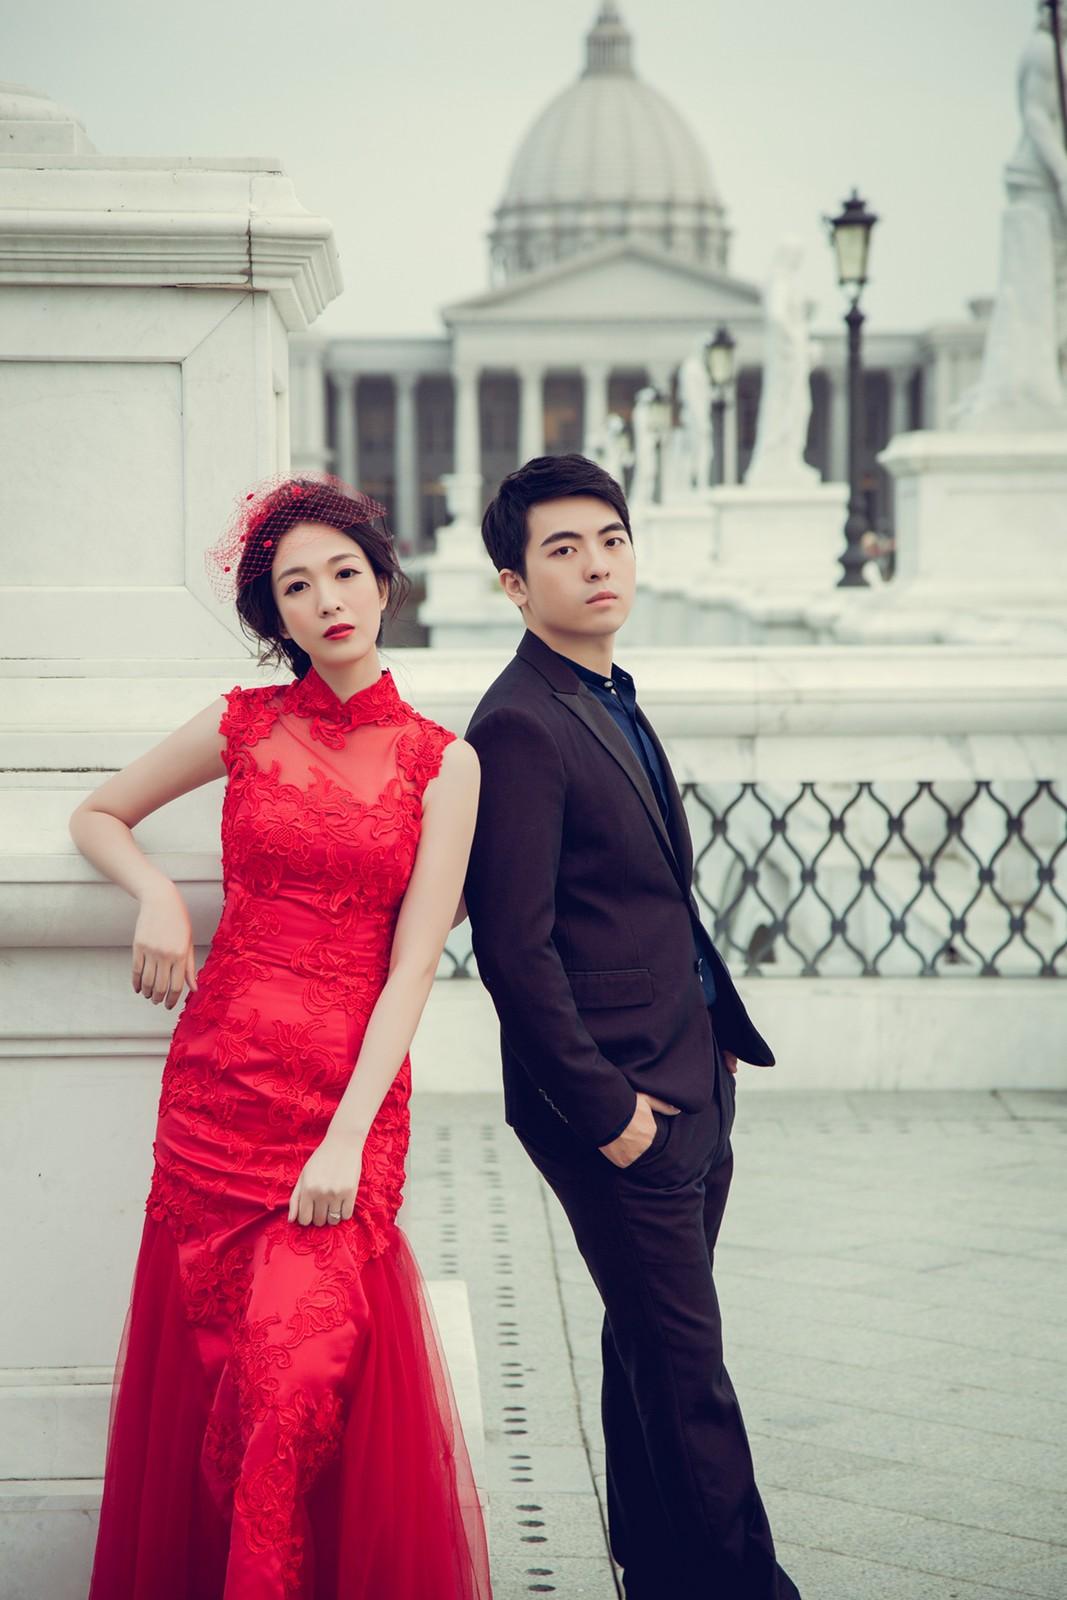 自助婚紗,自主婚紗推薦,台南 自助婚紗,tn16